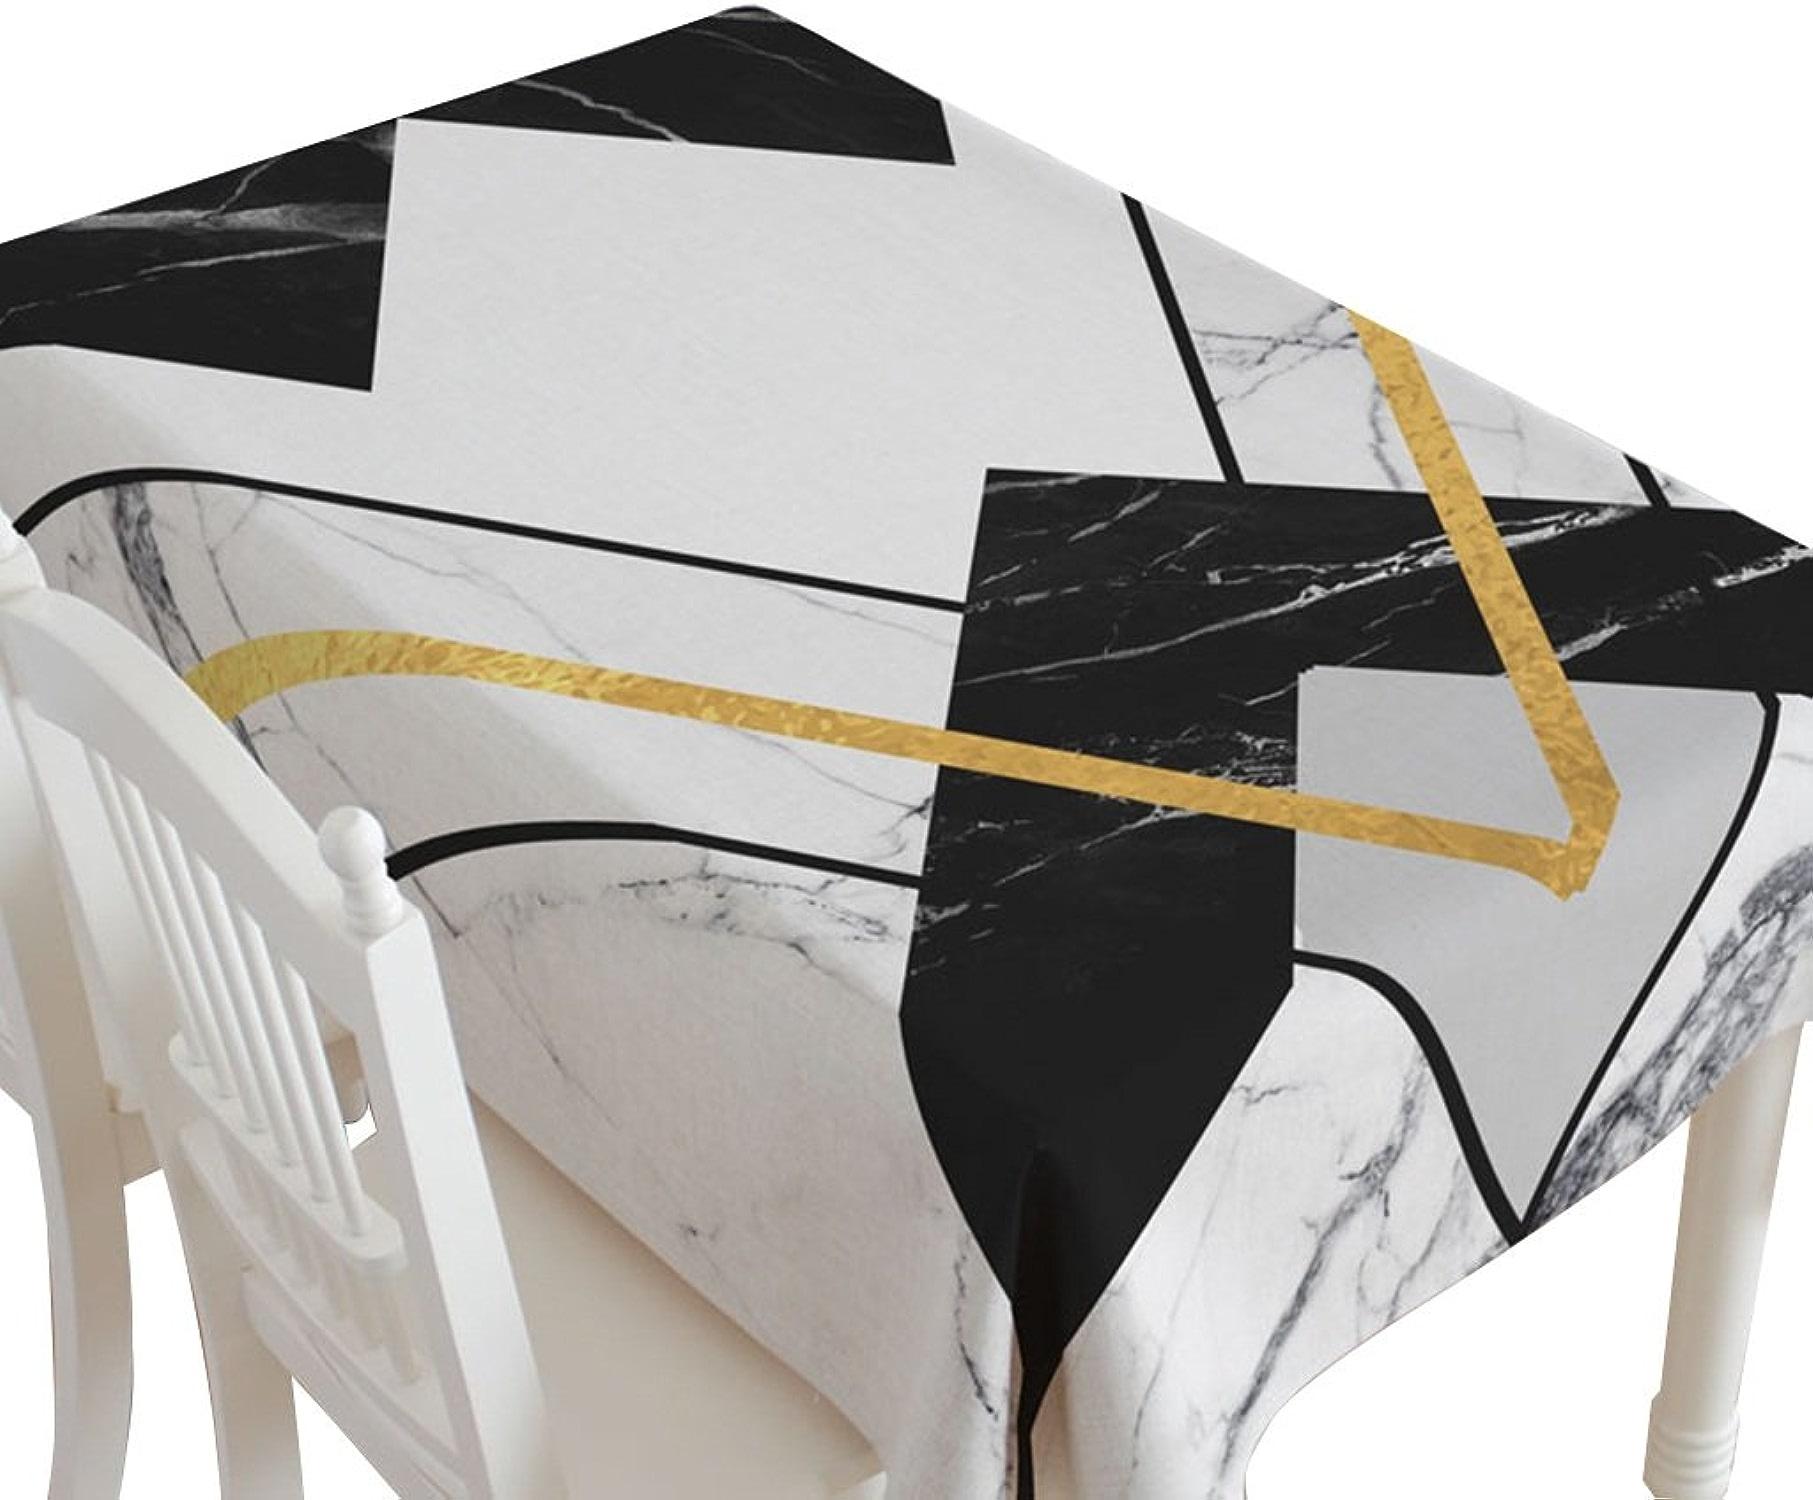 XZGang Nappe de cuisine, Restaurant Tissu Art Coton Et Lin Nappe Creative Salon Rectangle Table voiturerée Table Basse Couverture Serviette 140-220 CM Nappe de table (Couleur   B, taille   140  200CM)